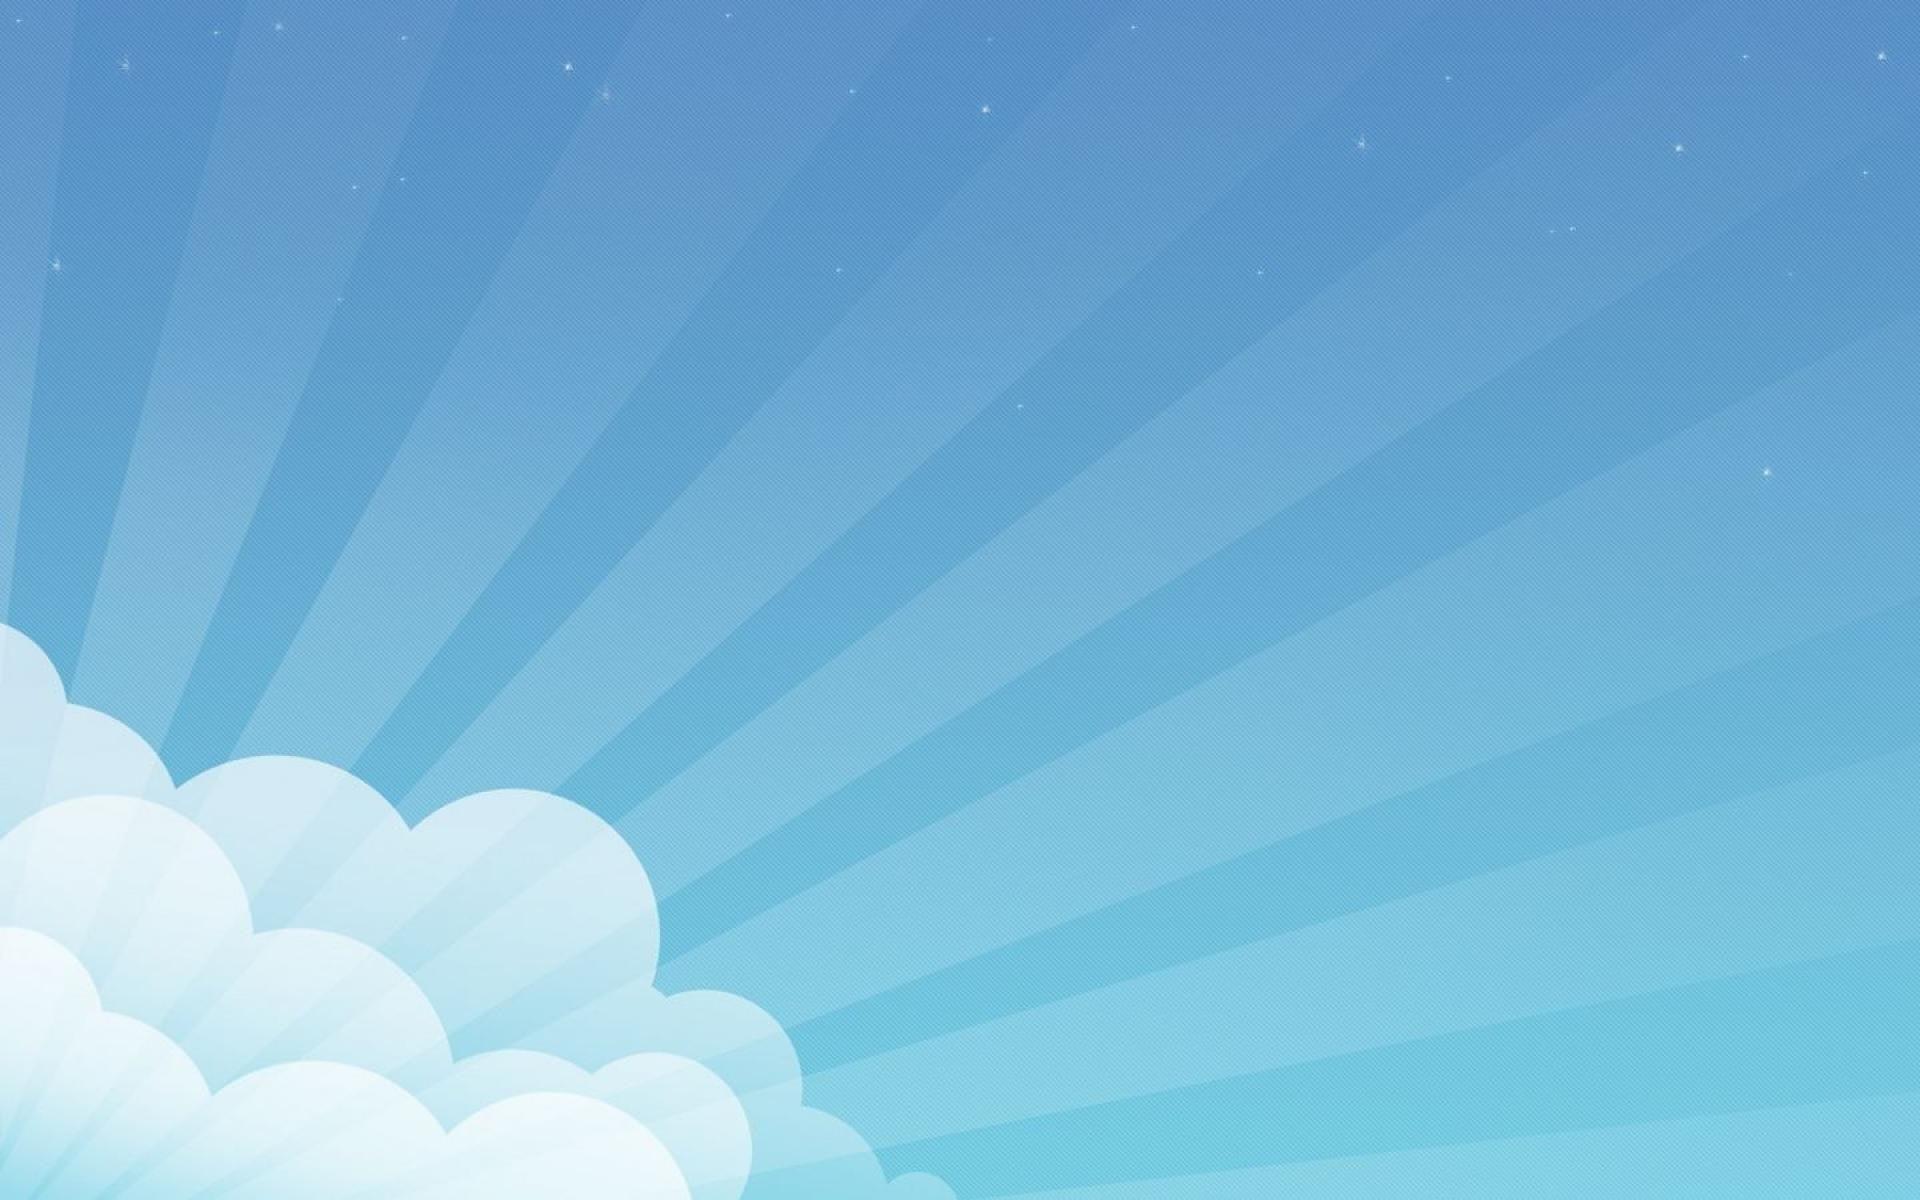 Blue Cloud Sunlight Vector Wallpaper